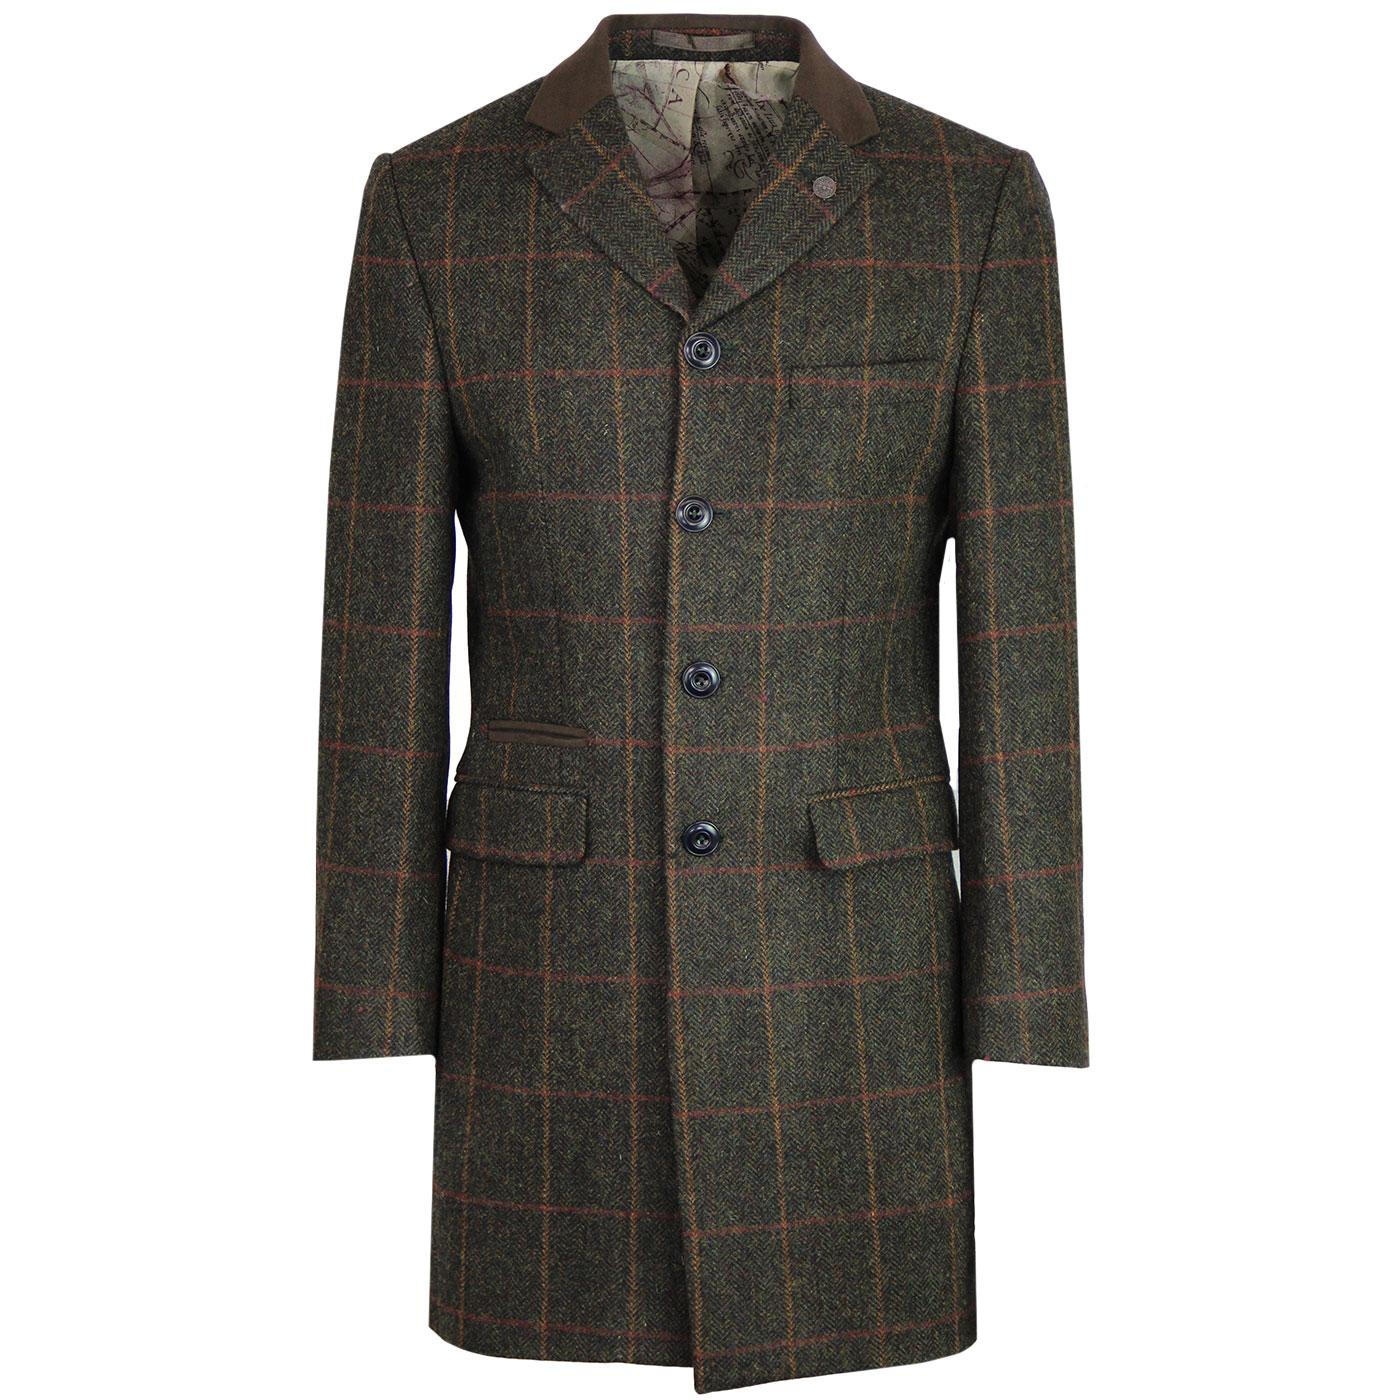 Winnie GIBSON LONDON Herringbone Check Dress Coat